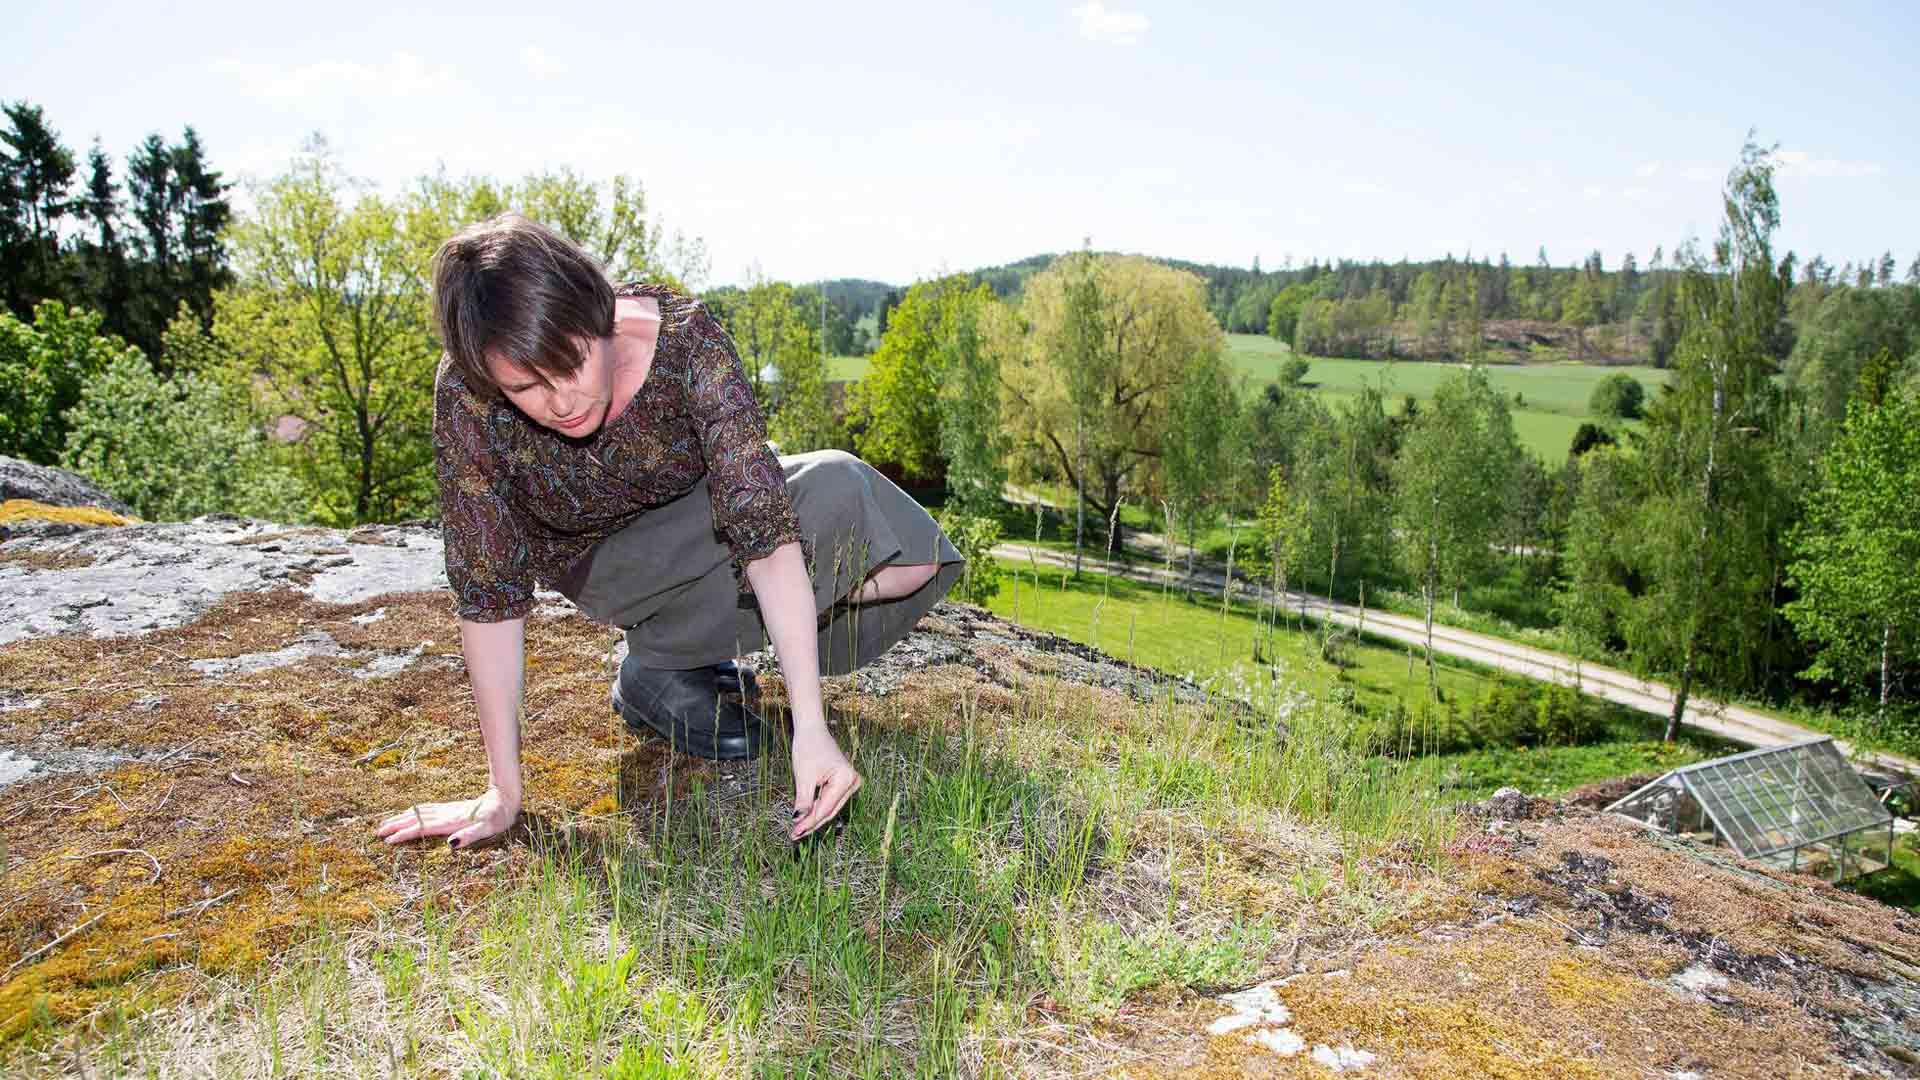 Niemelän mukaan Stenbergan linnavuoren laella kasvavista muinaistulokkaista kuten sikoangervosta voi heti päätellä, että täällä on kauan sitten ollut ihmisasutusta.